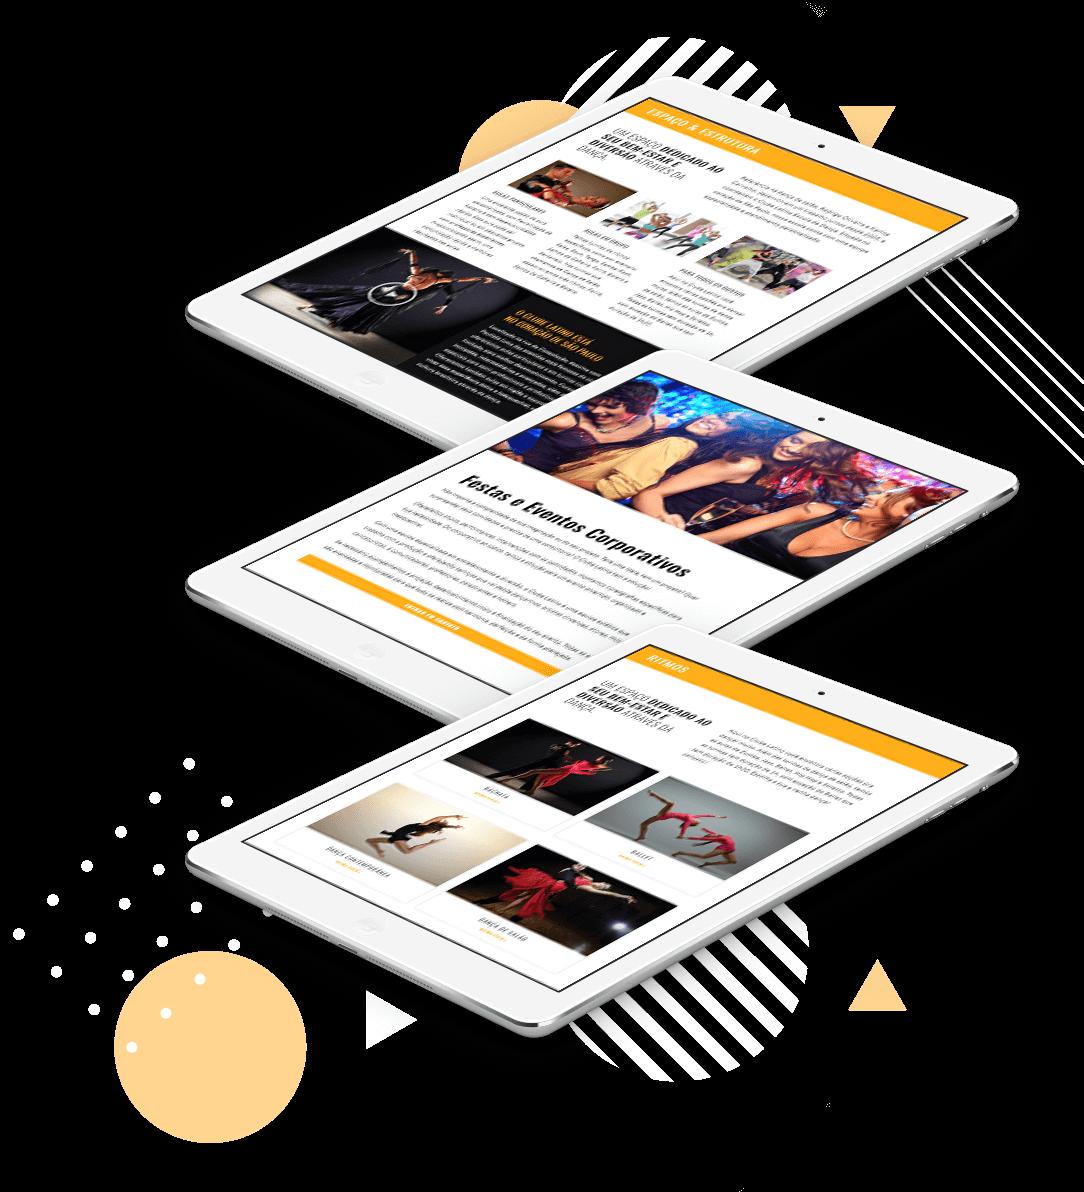 iPad mostrando o redesign do site Clube Latino